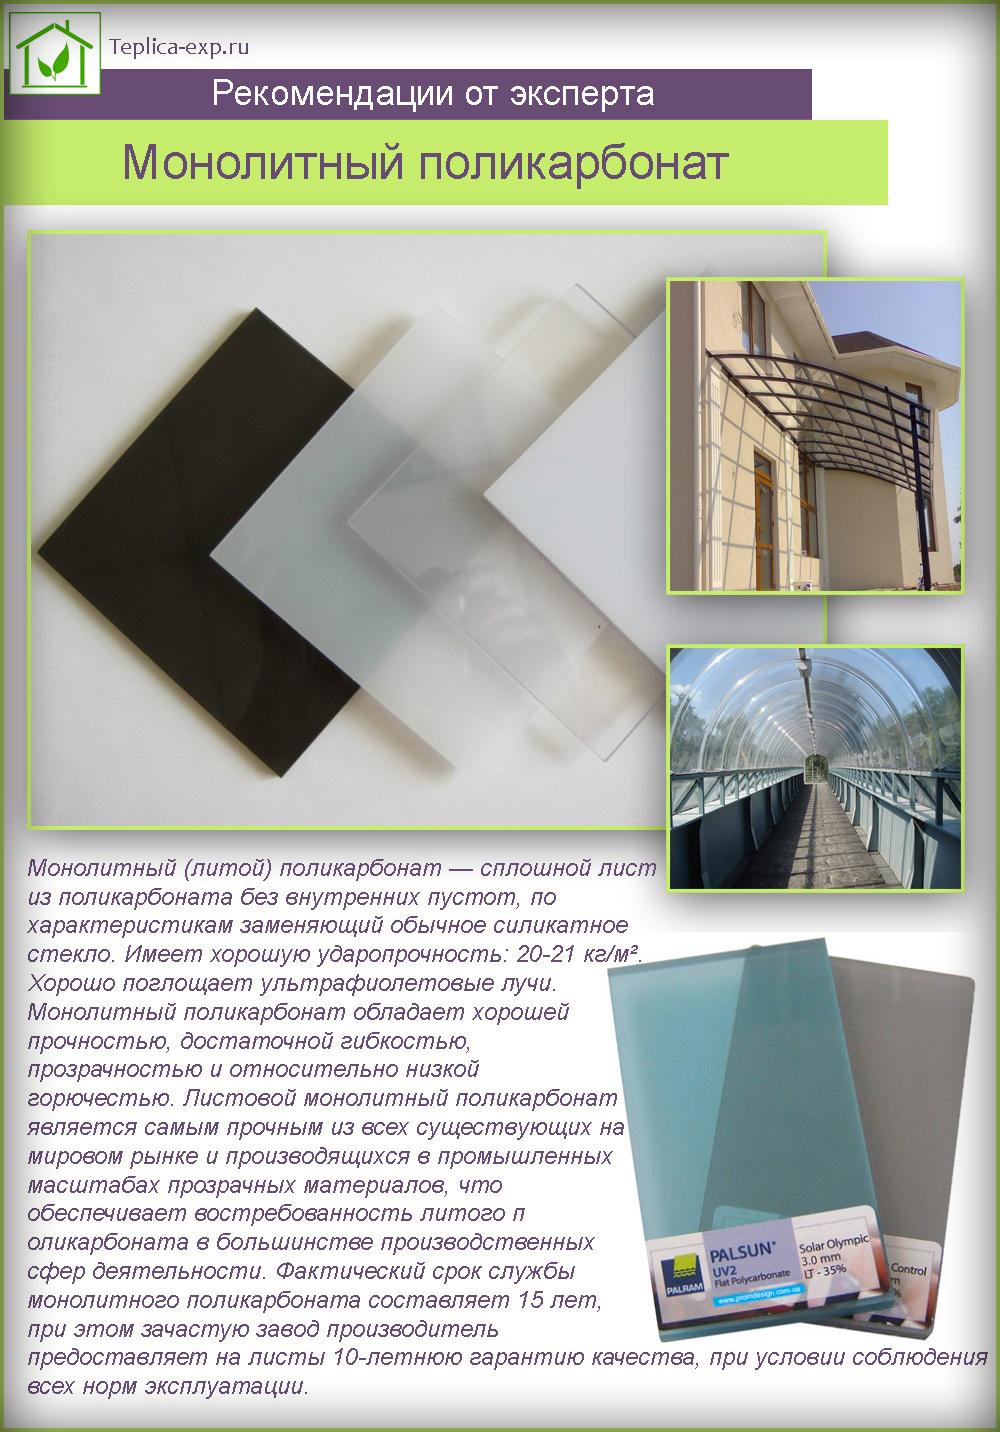 Монолитный поликарбонат - свойства и применение